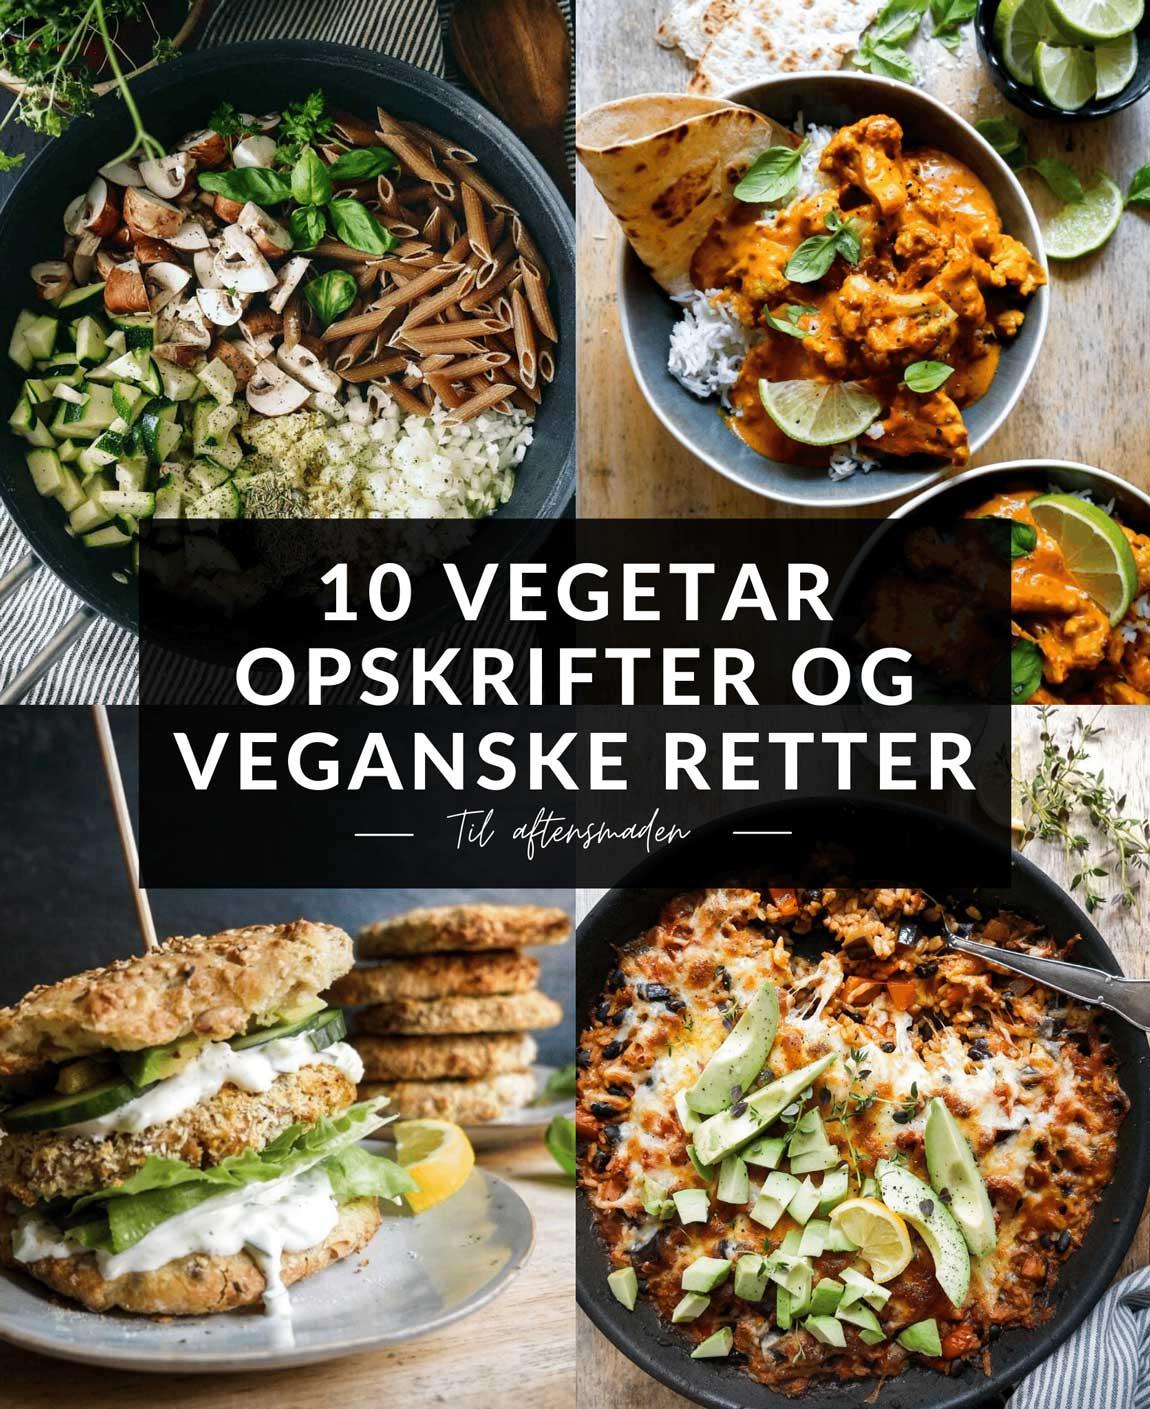 10 nemme vegetaropskrifter og mættende veganske retter